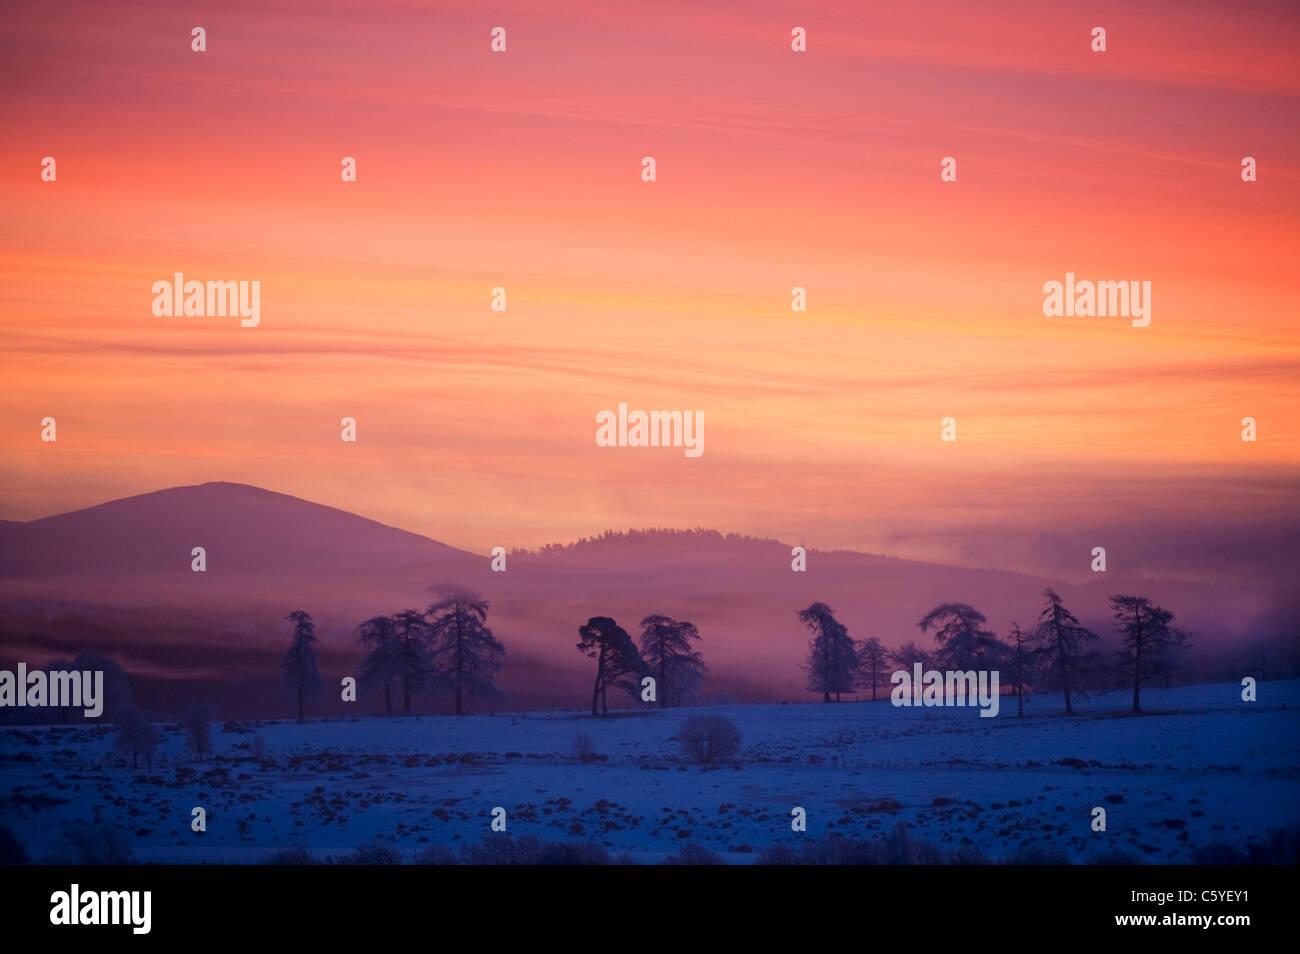 Alba sulle colline Cromdale su inverni di mattina. Cairngorms National Park, Scozia, Gran Bretagna. Immagini Stock